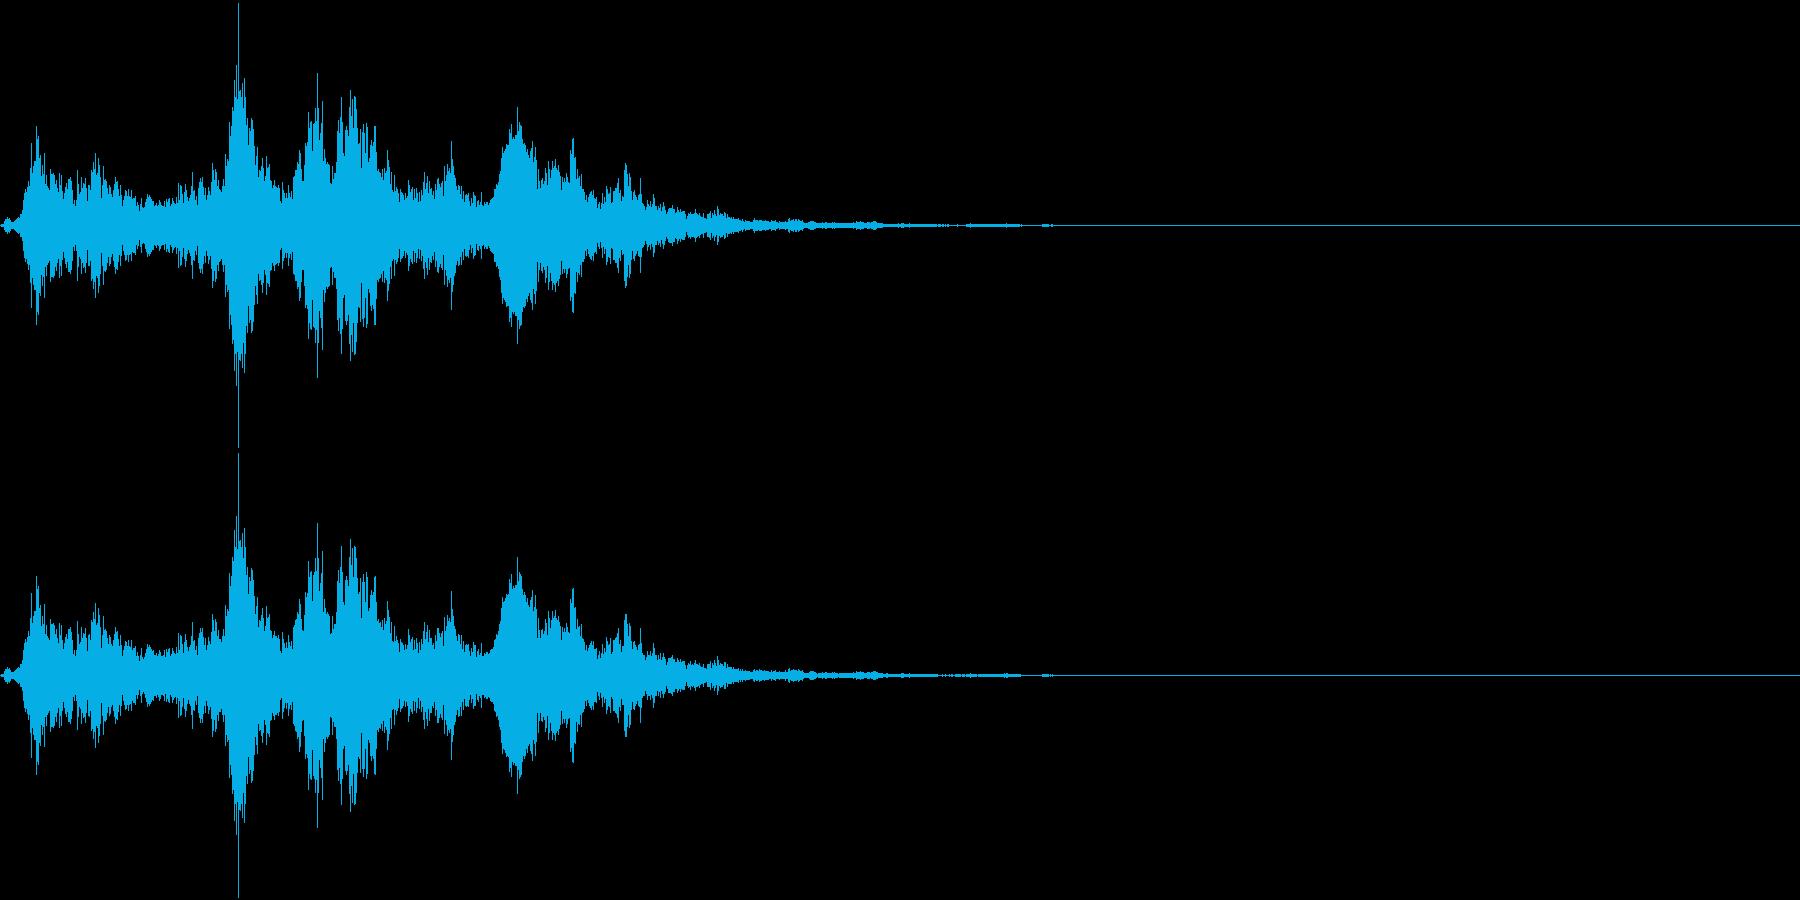 音侍SE「シャンシャーン」象徴的な鈴の音の再生済みの波形